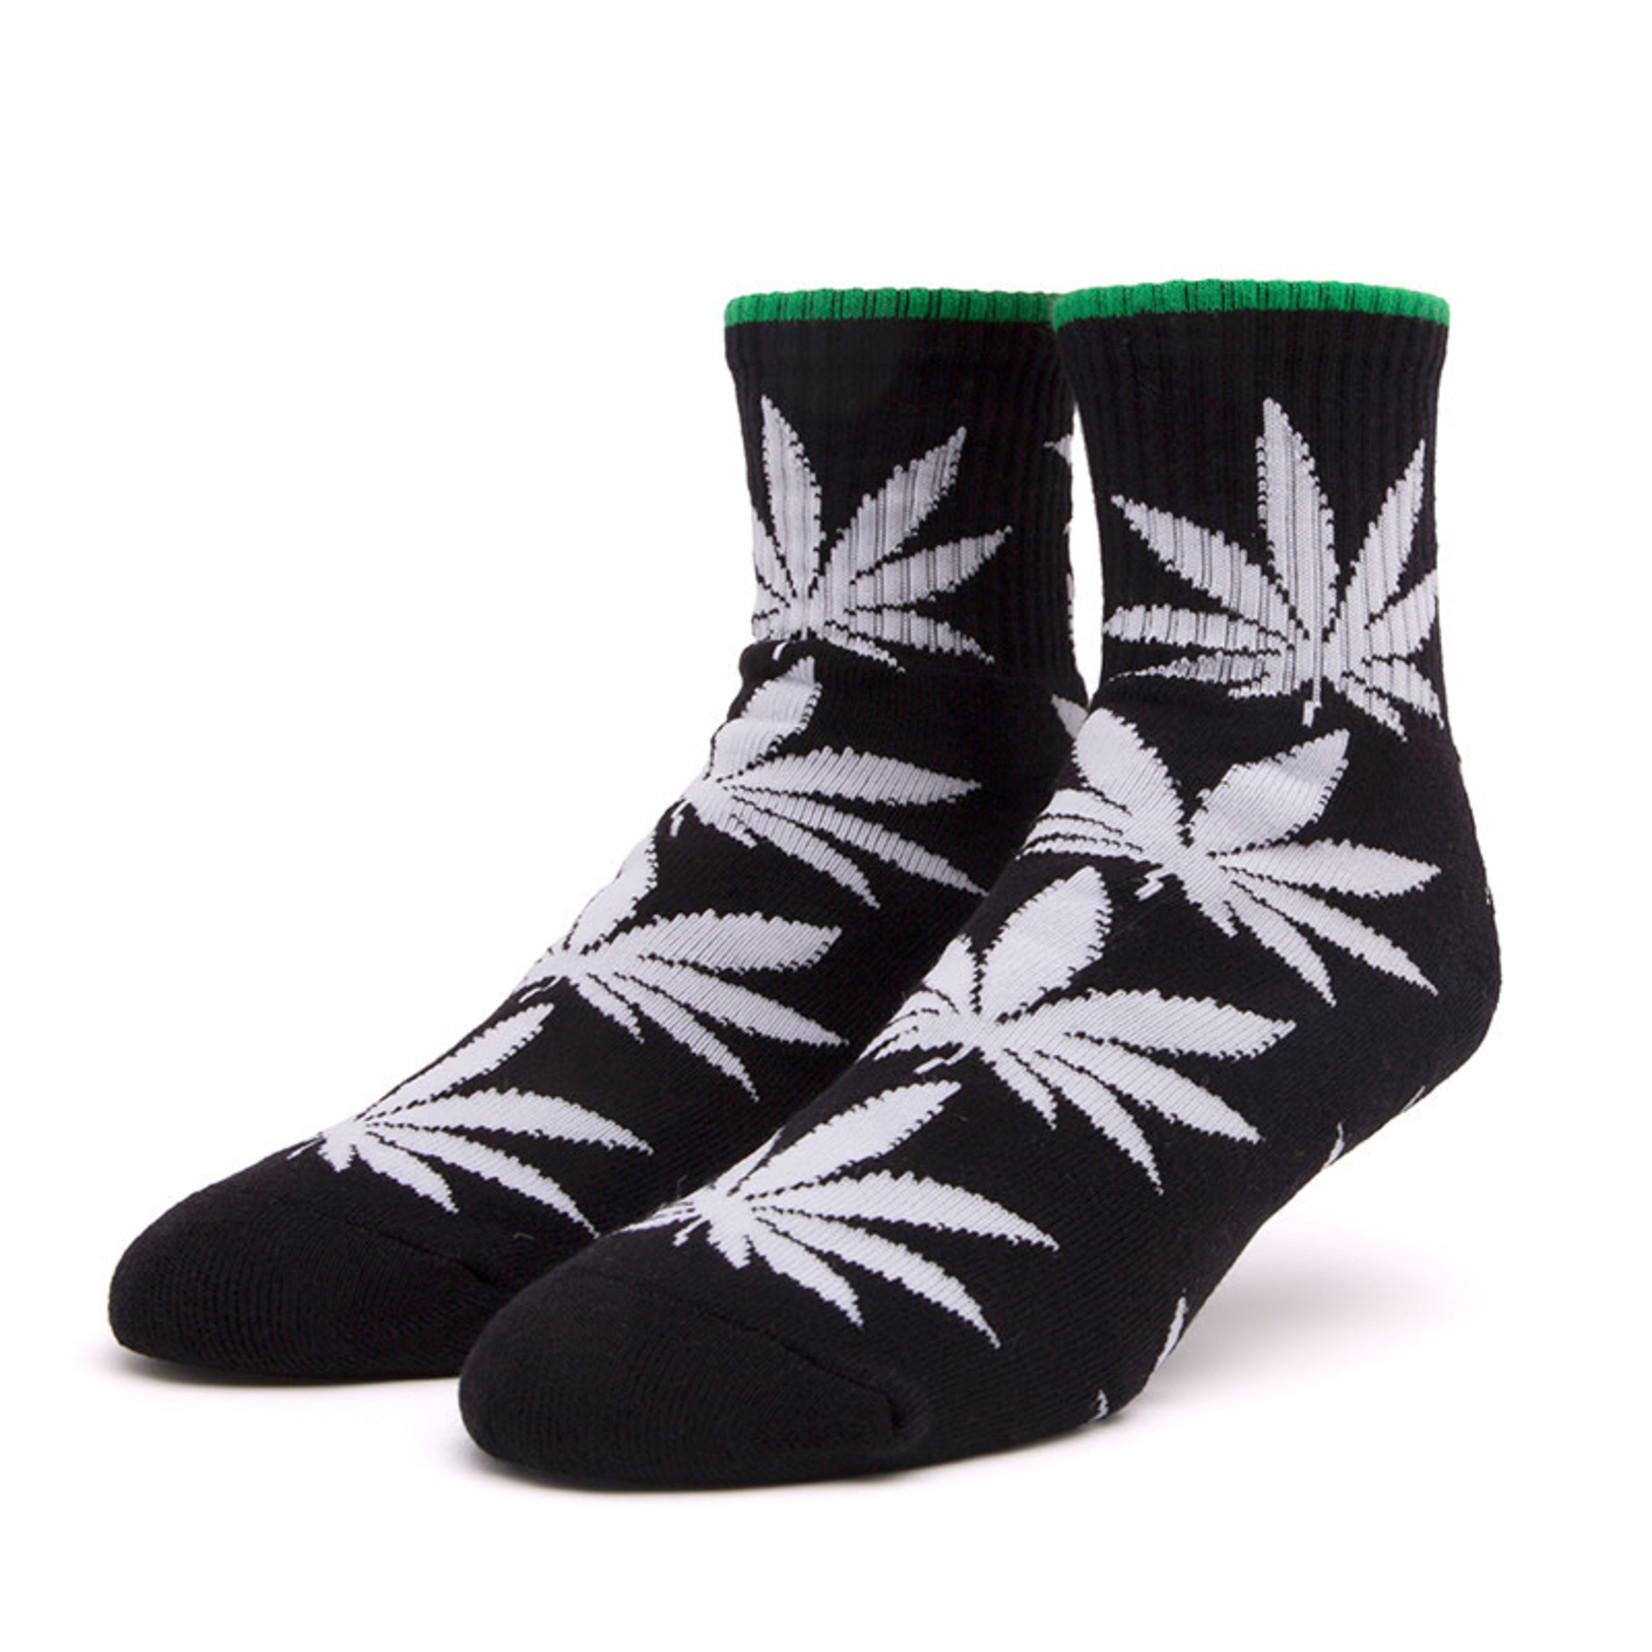 Huf HUF : Digital Plant Life Socks